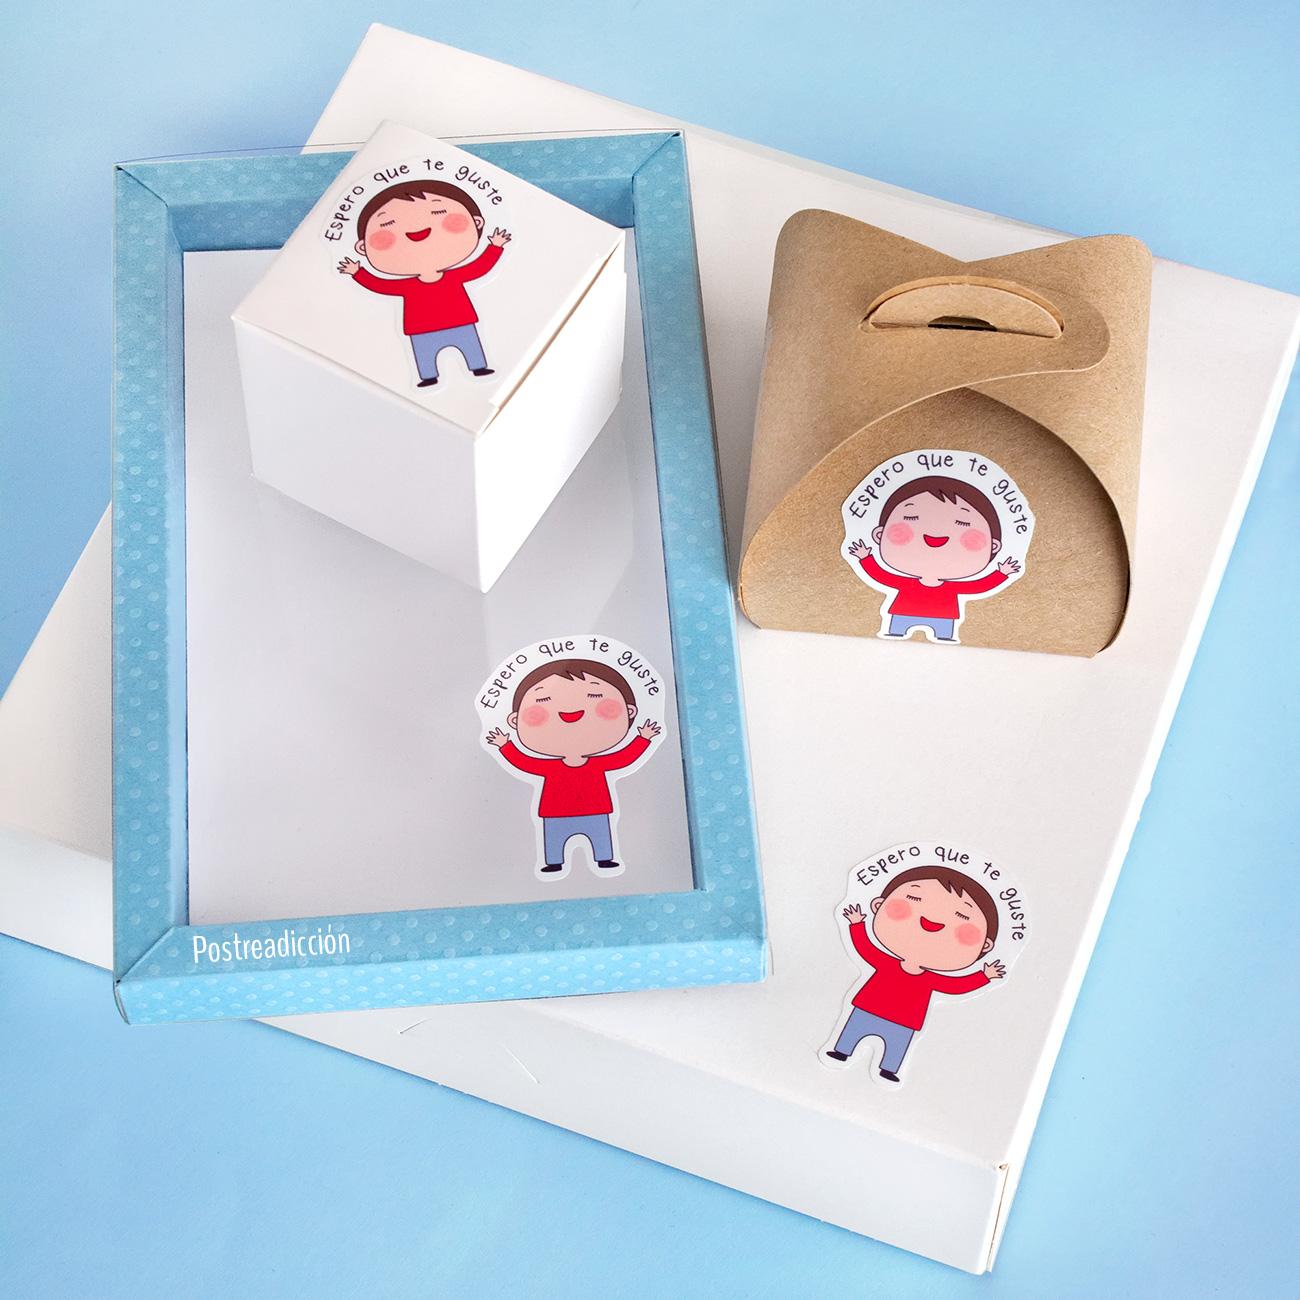 Imagen de producto: https://tienda.postreadiccion.com/img/articulos/secundarias13967-pegatinas-espero-que-te-guste-casuales-tamano-a-elegir-1.jpg